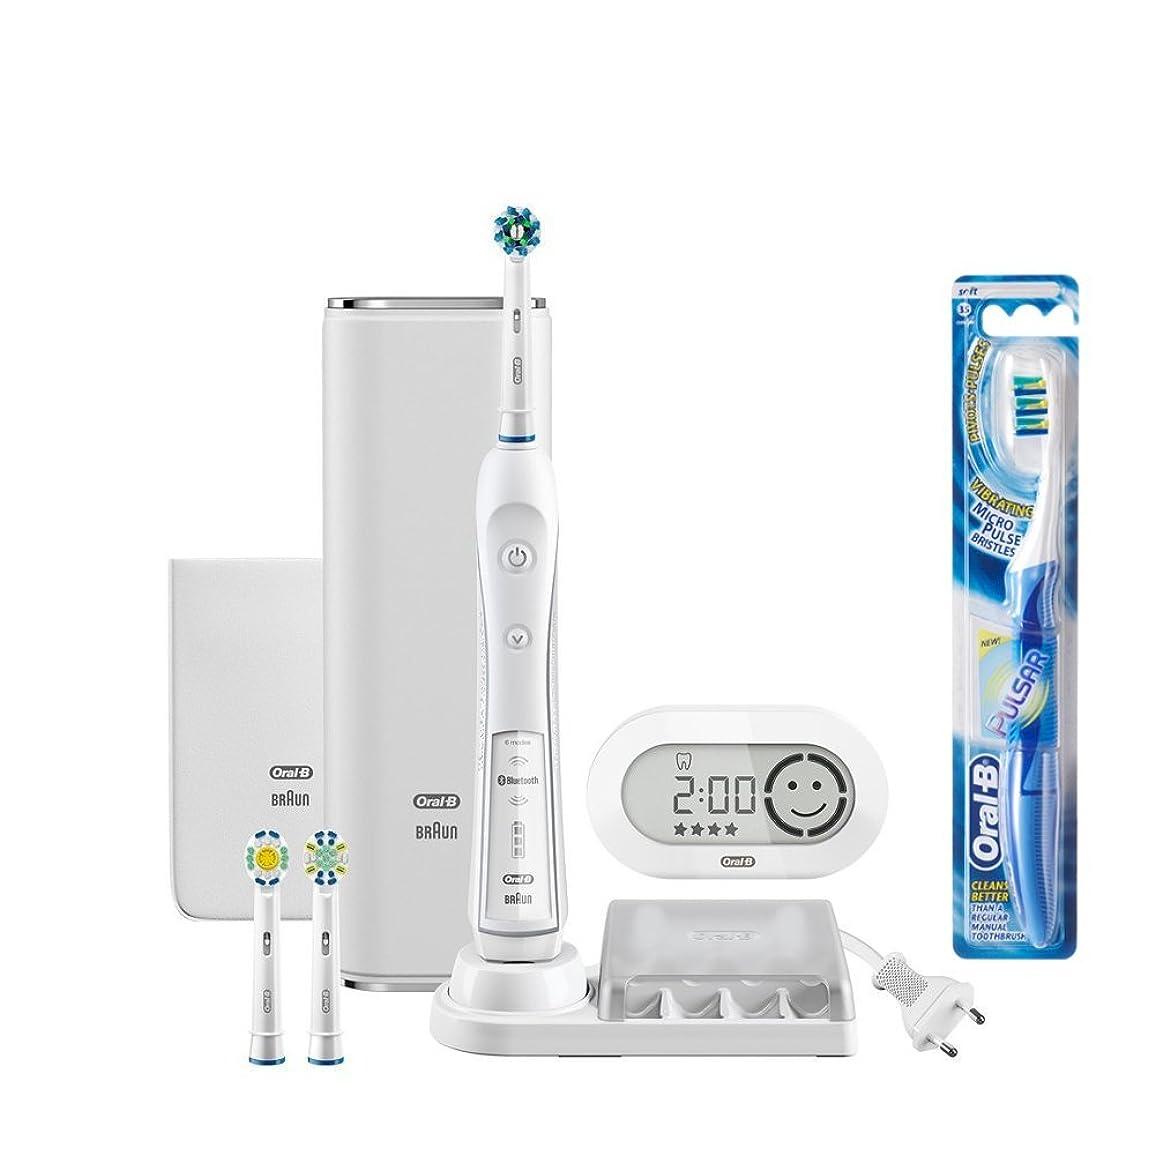 ワーカー疎外するに慣れブラウン オーラルB 電動歯ブラシ プラチナホワイト 7000 D365356WHP スマホアプリ連動 ホワイト